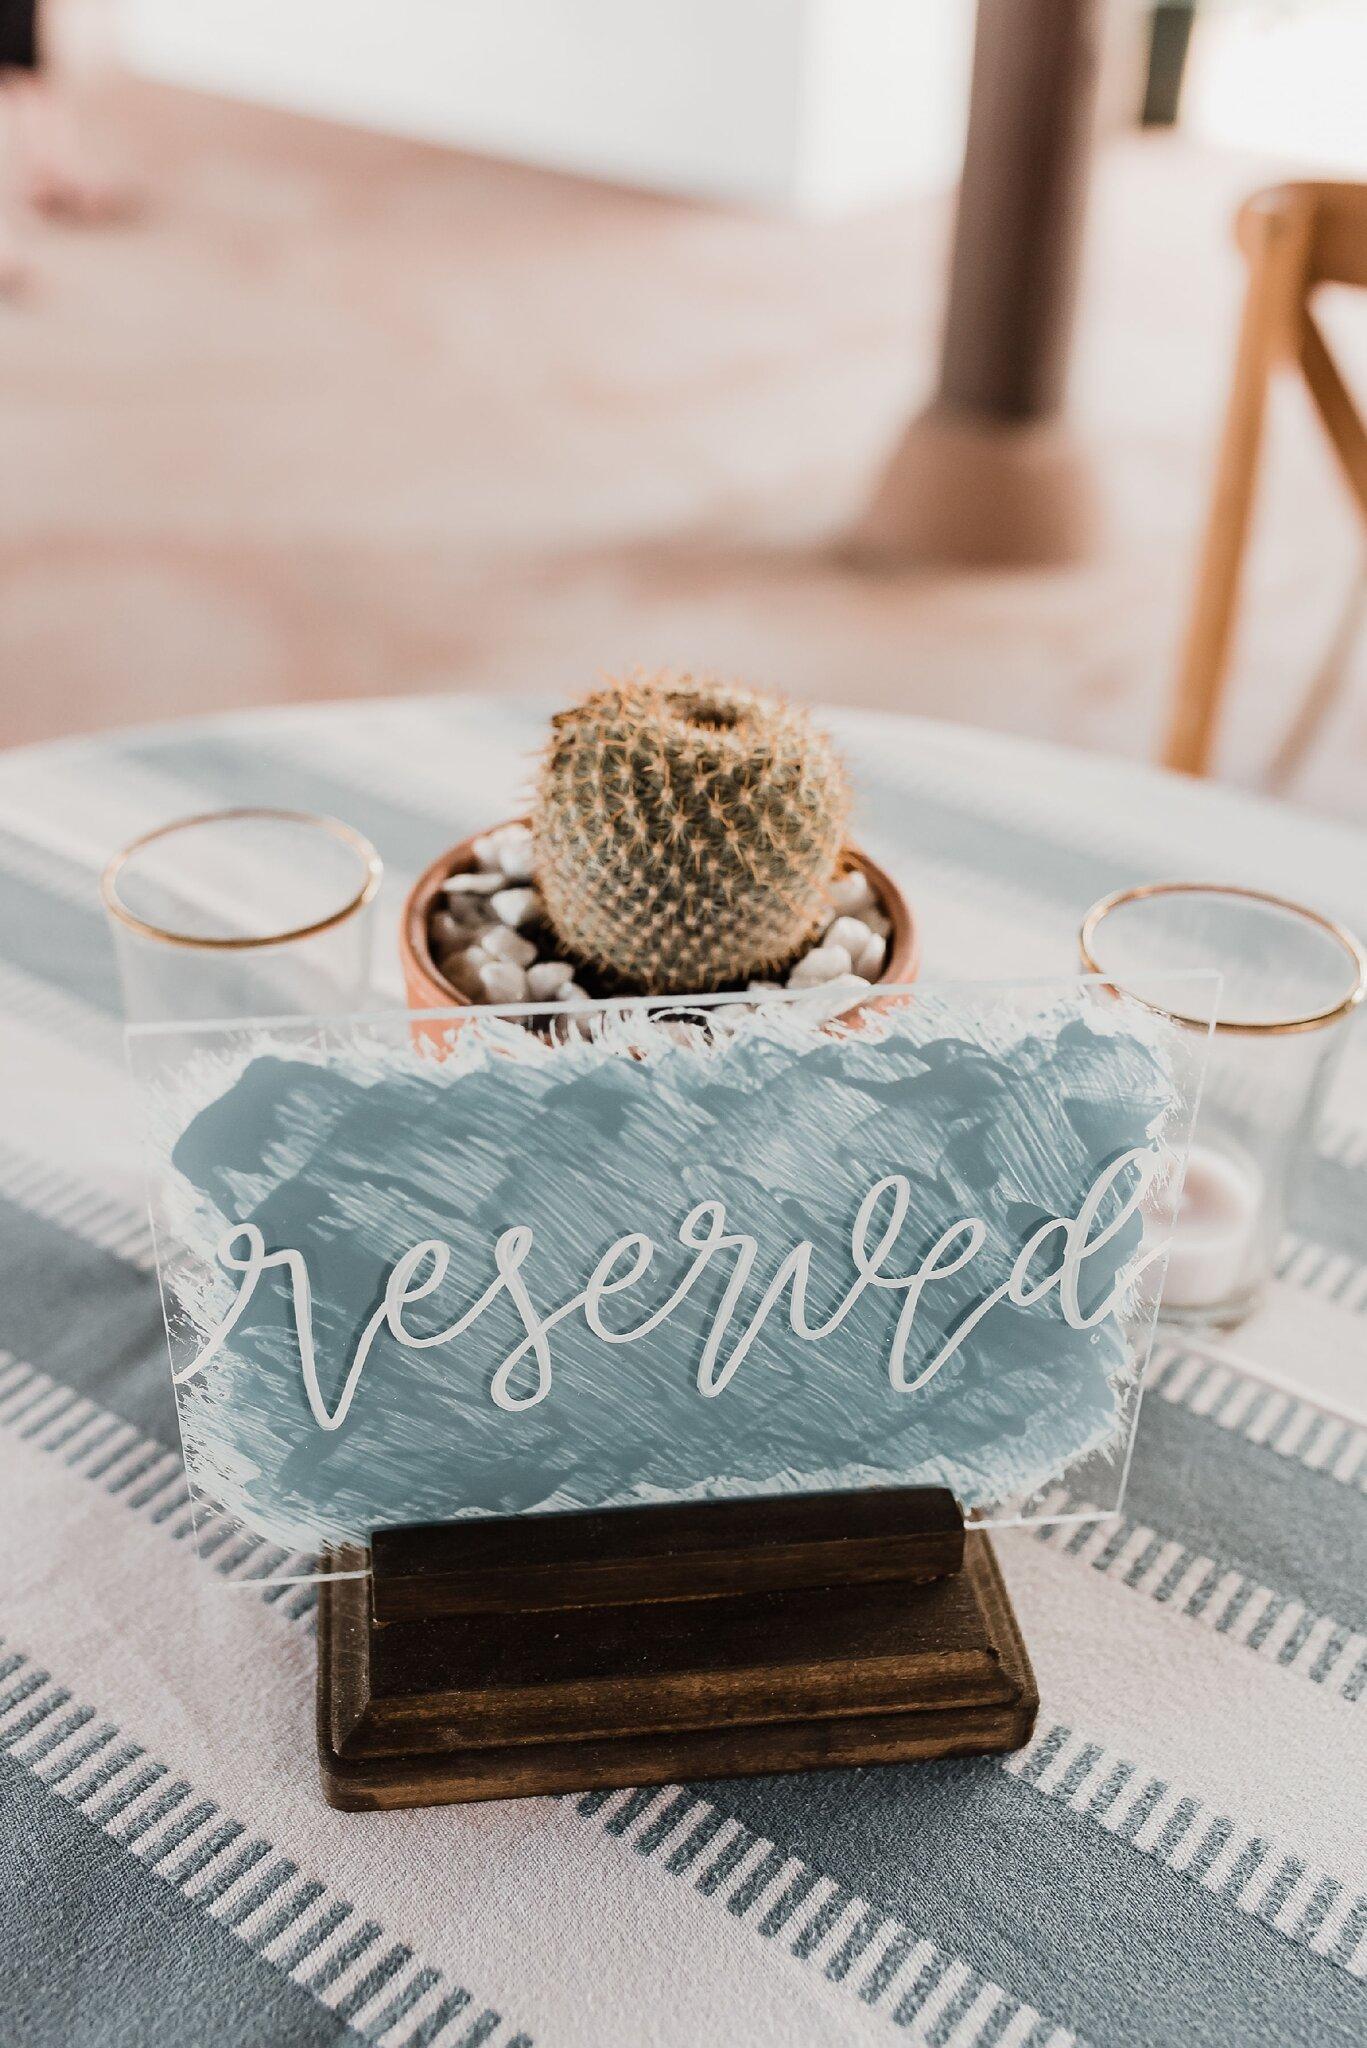 Alicia+lucia+photography+-+albuquerque+wedding+photographer+-+santa+fe+wedding+photography+-+new+mexico+wedding+photographer+-+new+mexico+wedding+-+wedding+signage+-+wedding+signs+-+glass+wedding+signs_0005.jpg